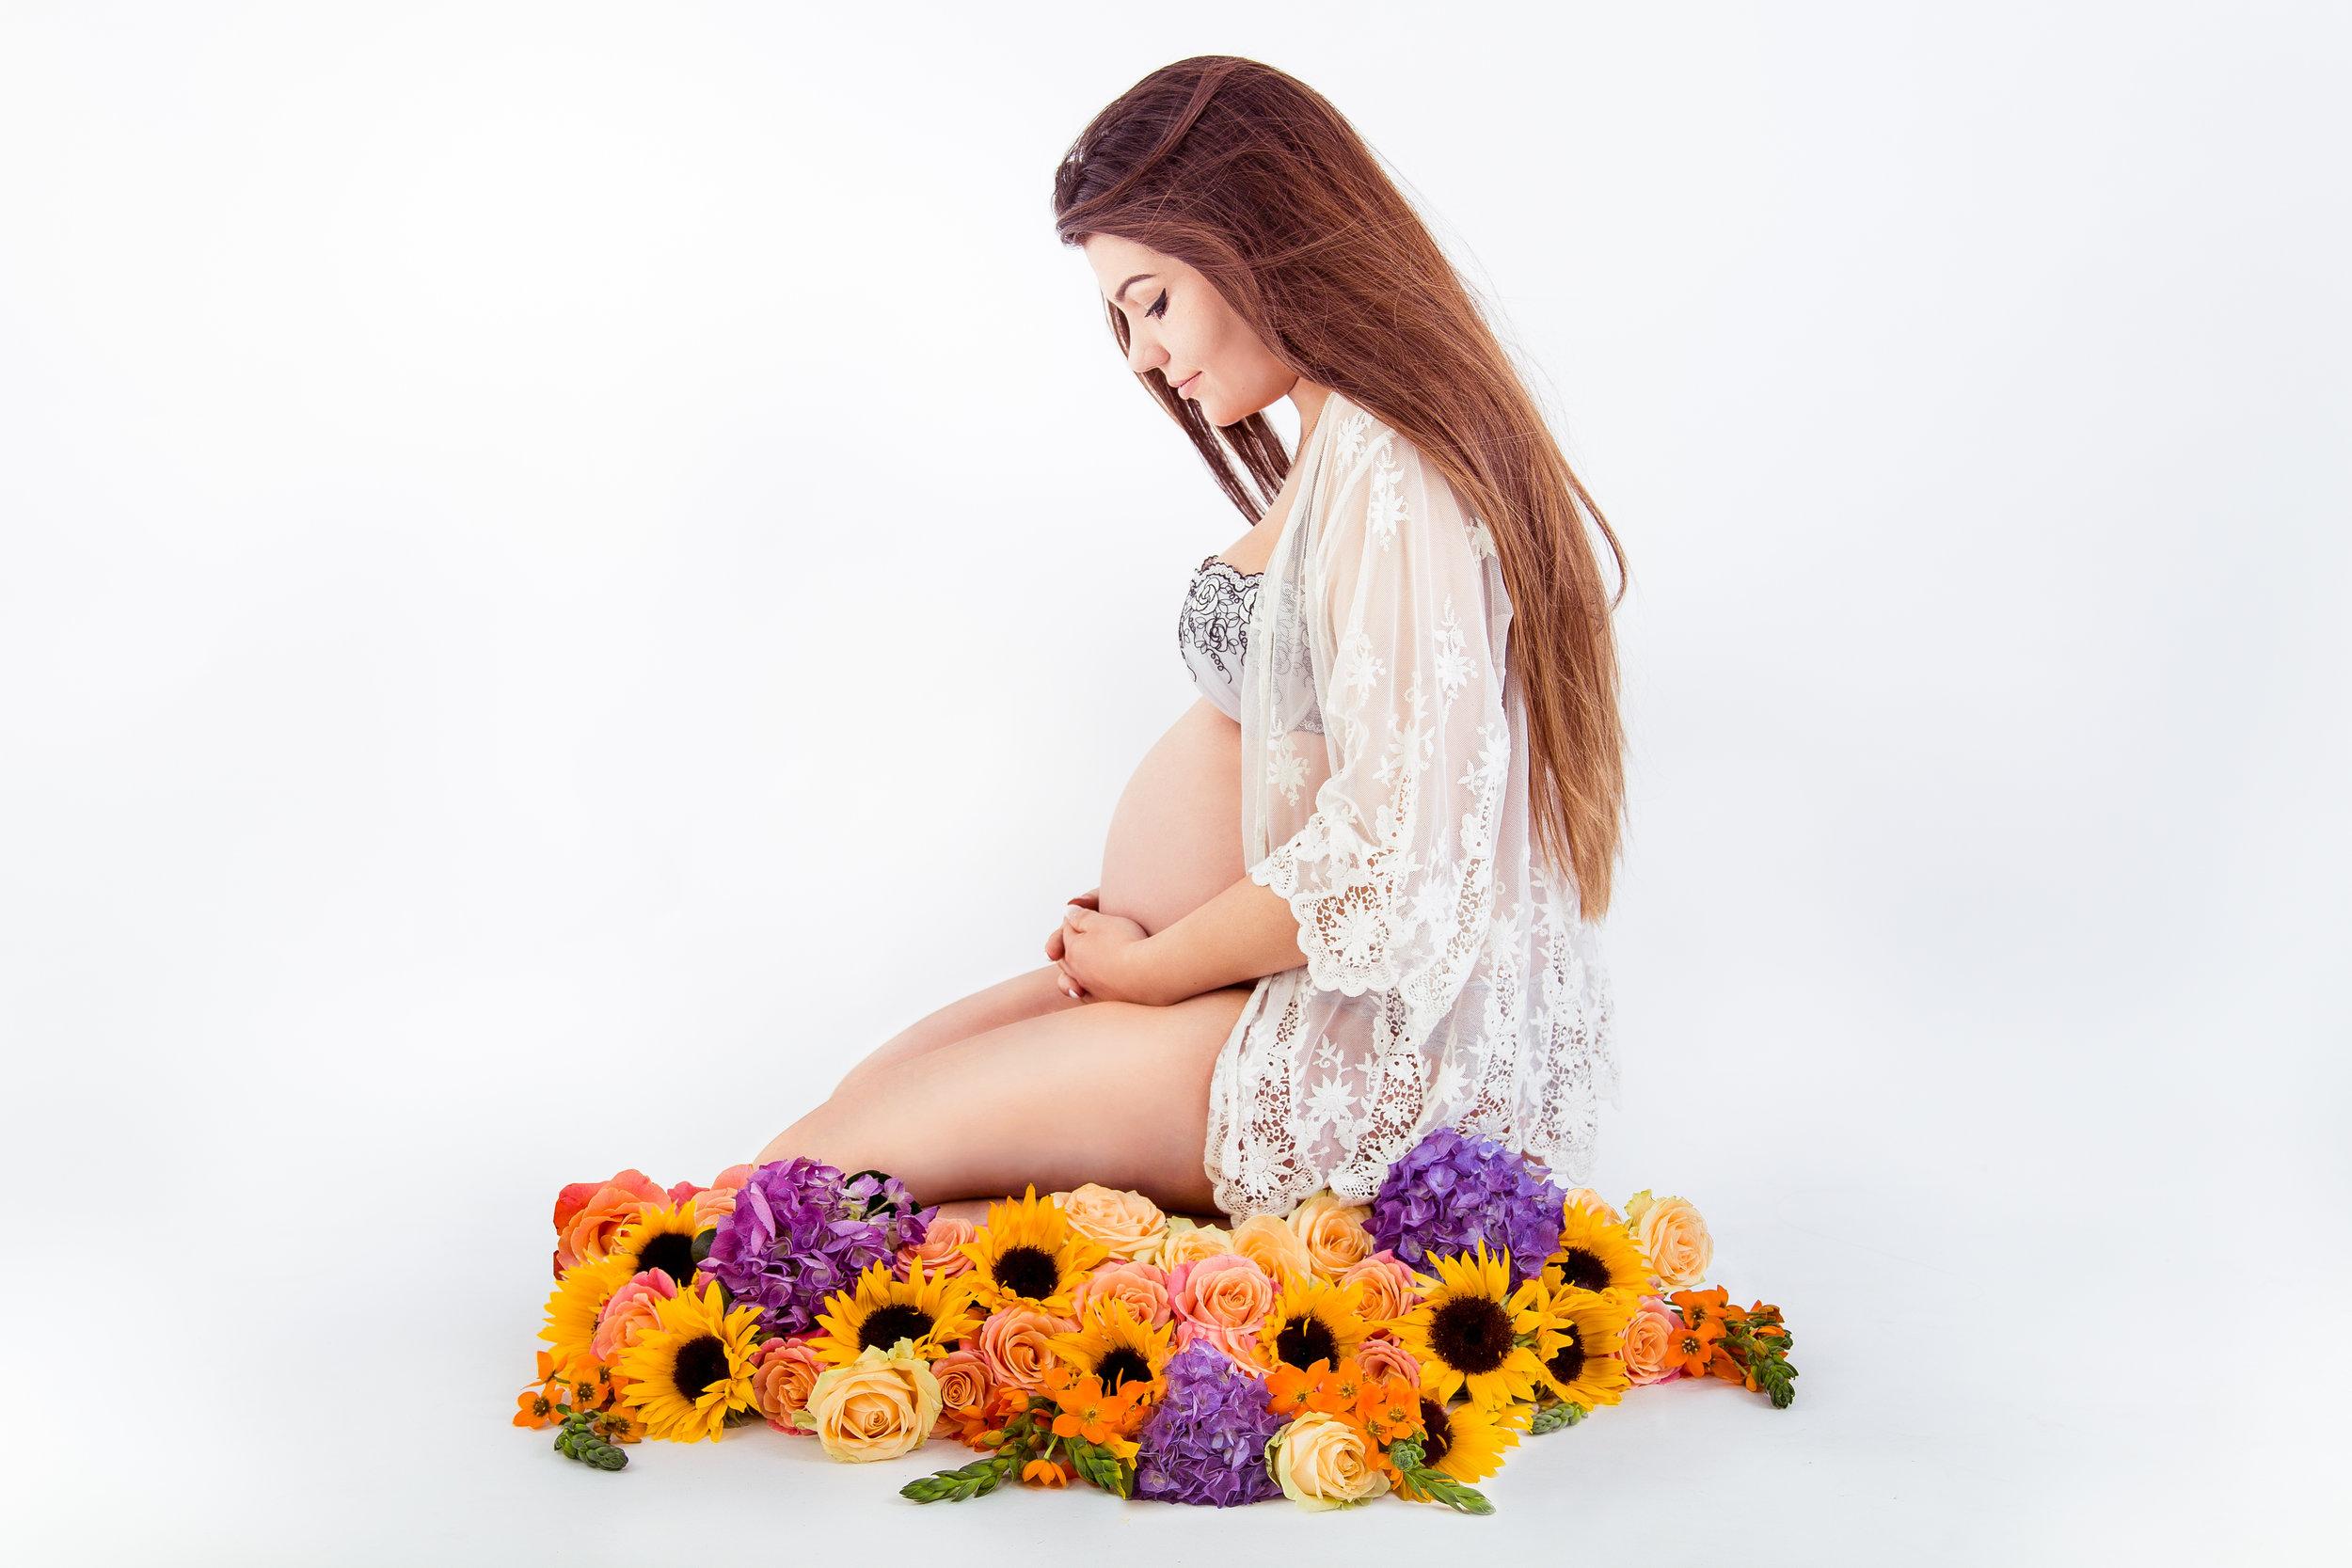 20170409-charlie edit flowers.jpg